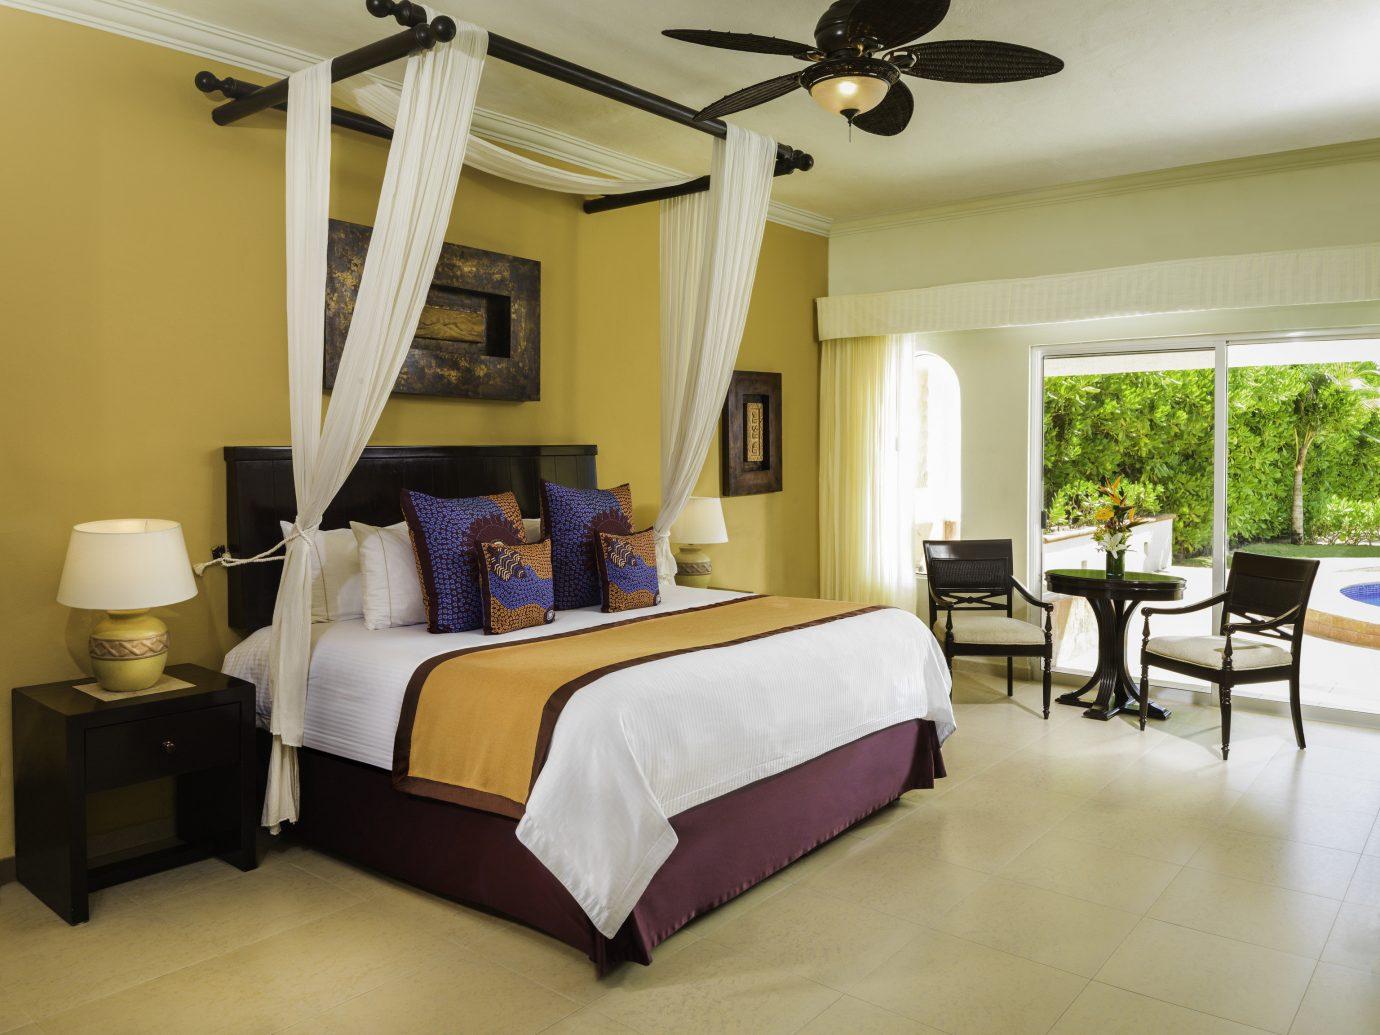 Hotels indoor floor wall room bed ceiling interior design Bedroom estate Suite real estate hotel window furniture bed frame area several